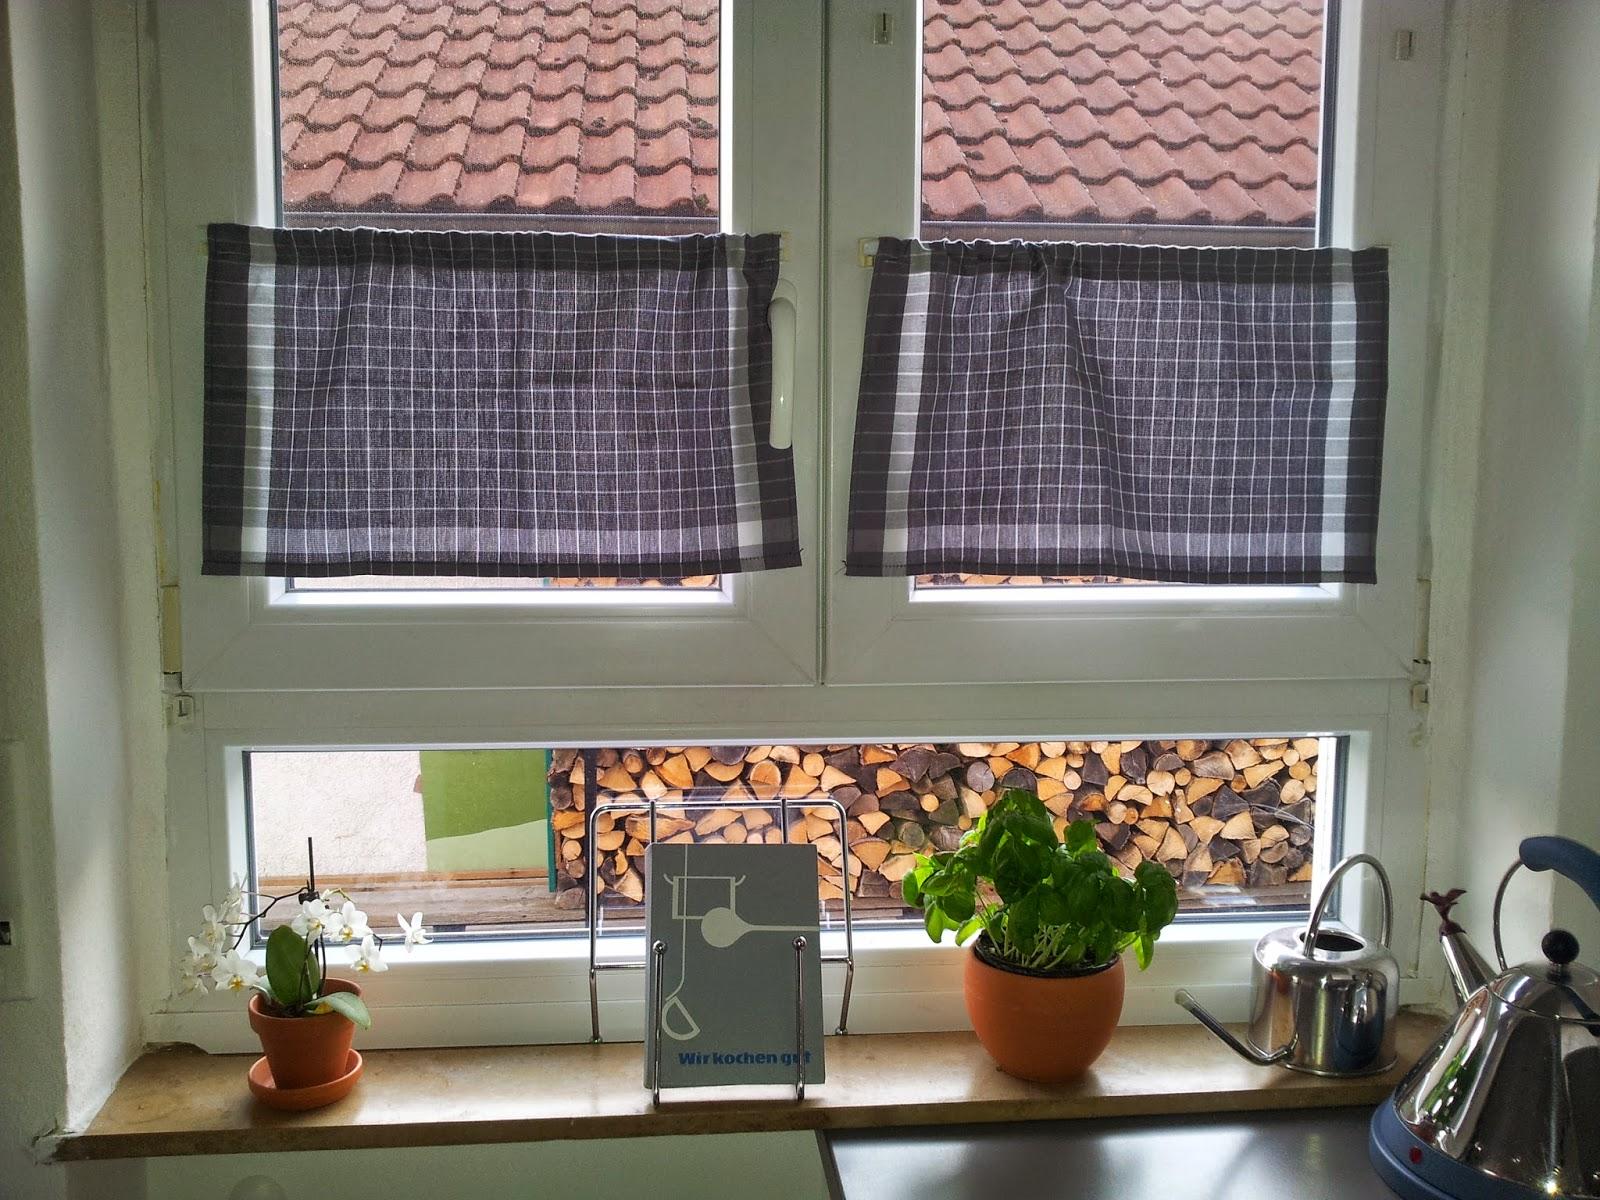 Full Size of Fenster Gestalten Gardinen Ideen Vorhnge Fr Jugendzimmer Für Die Küche Bad Renovieren Schlafzimmer Wohnzimmer Scheibengardinen Wohnzimmer Ideen Gardinen